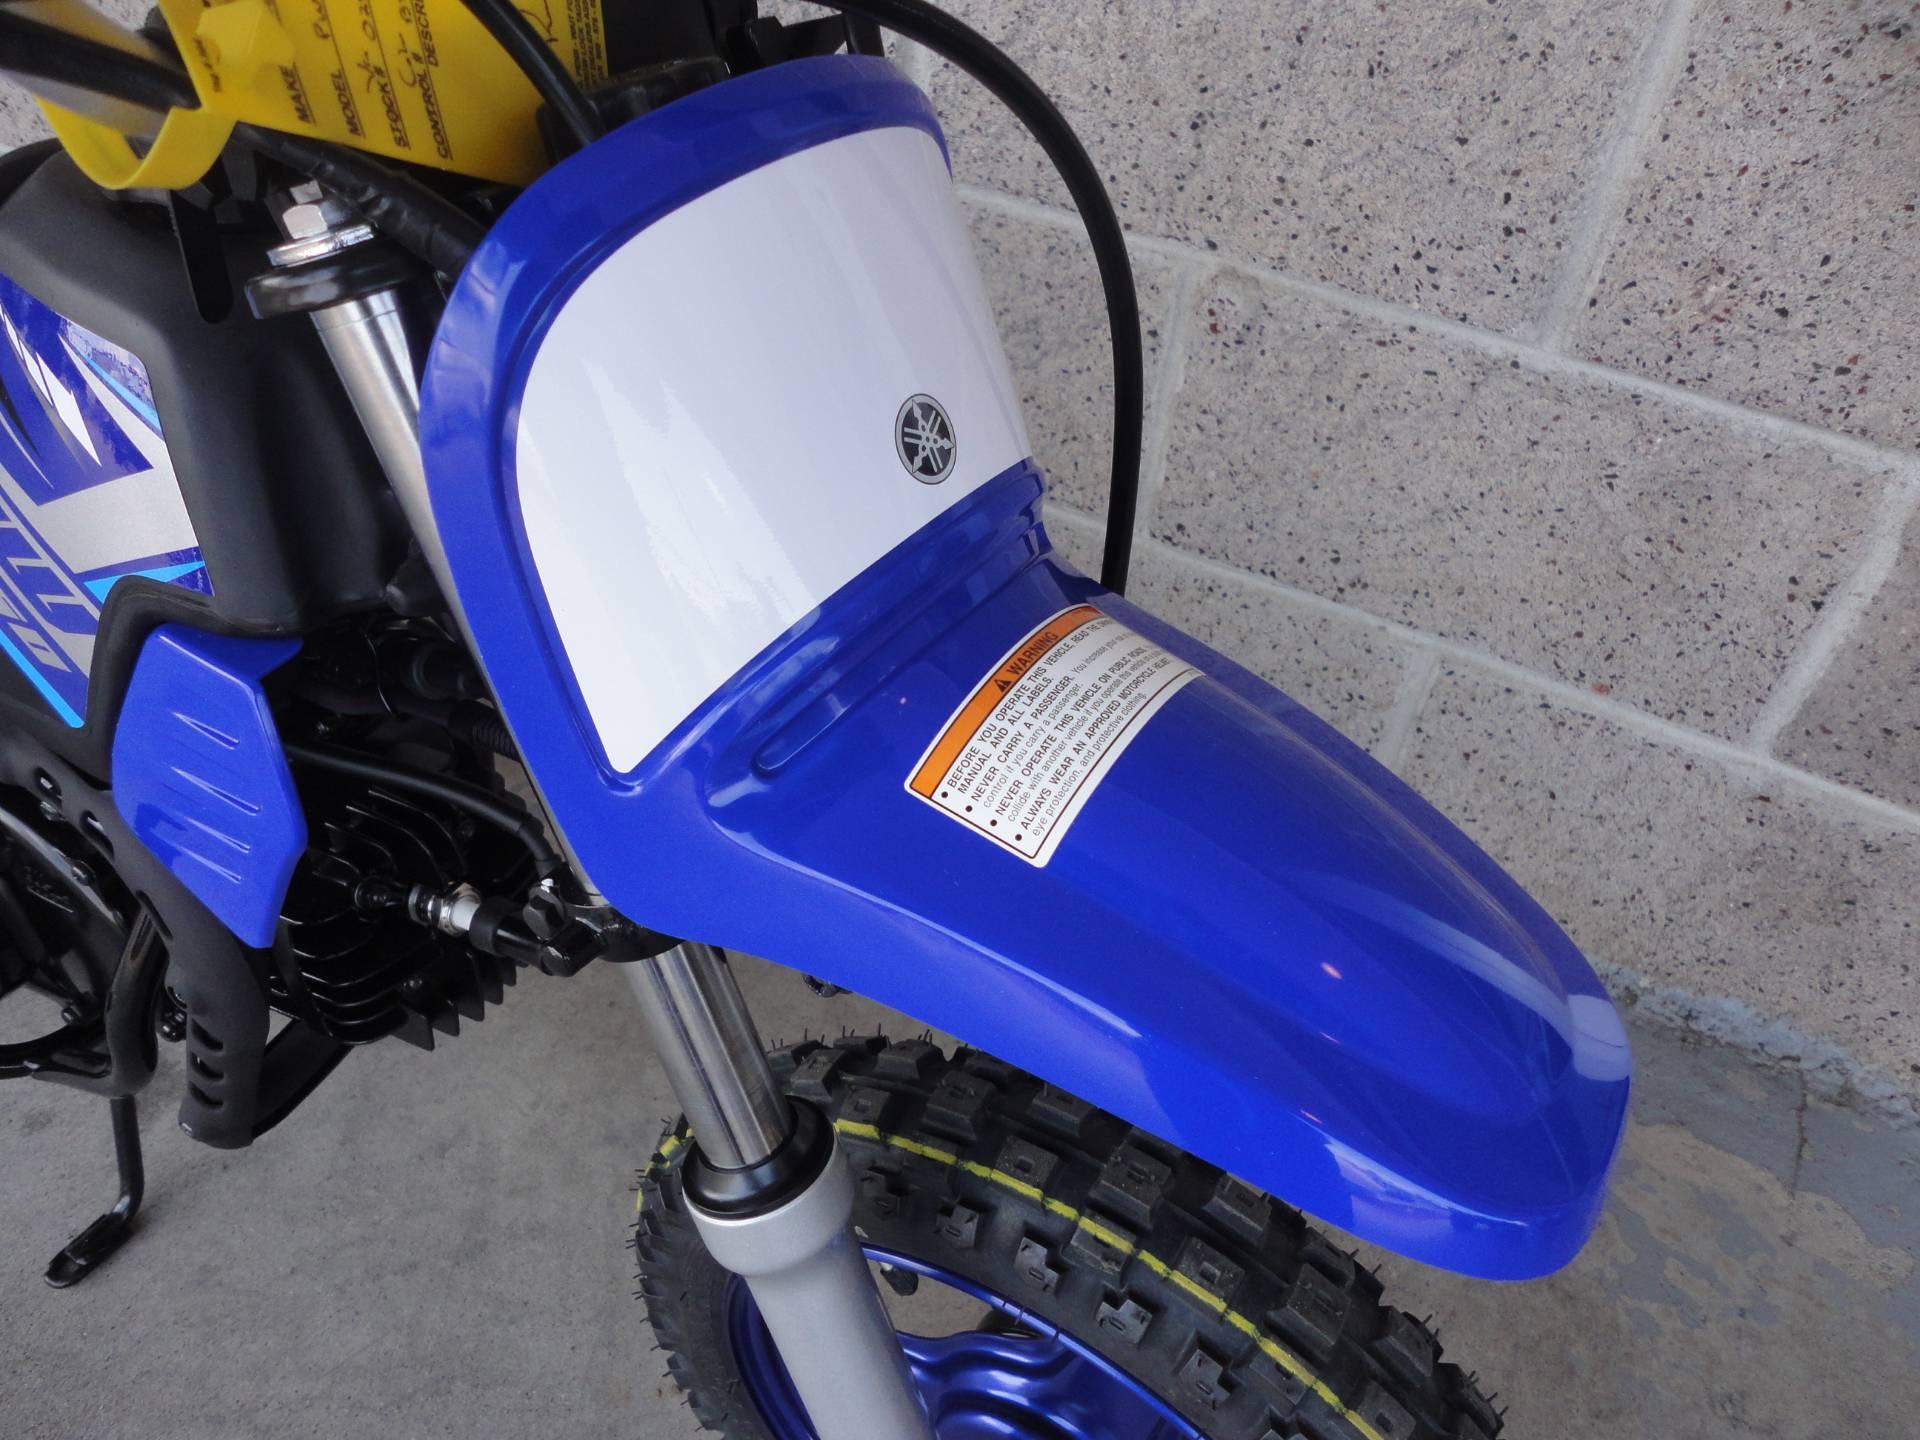 2020 Yamaha PW50 in Denver, Colorado